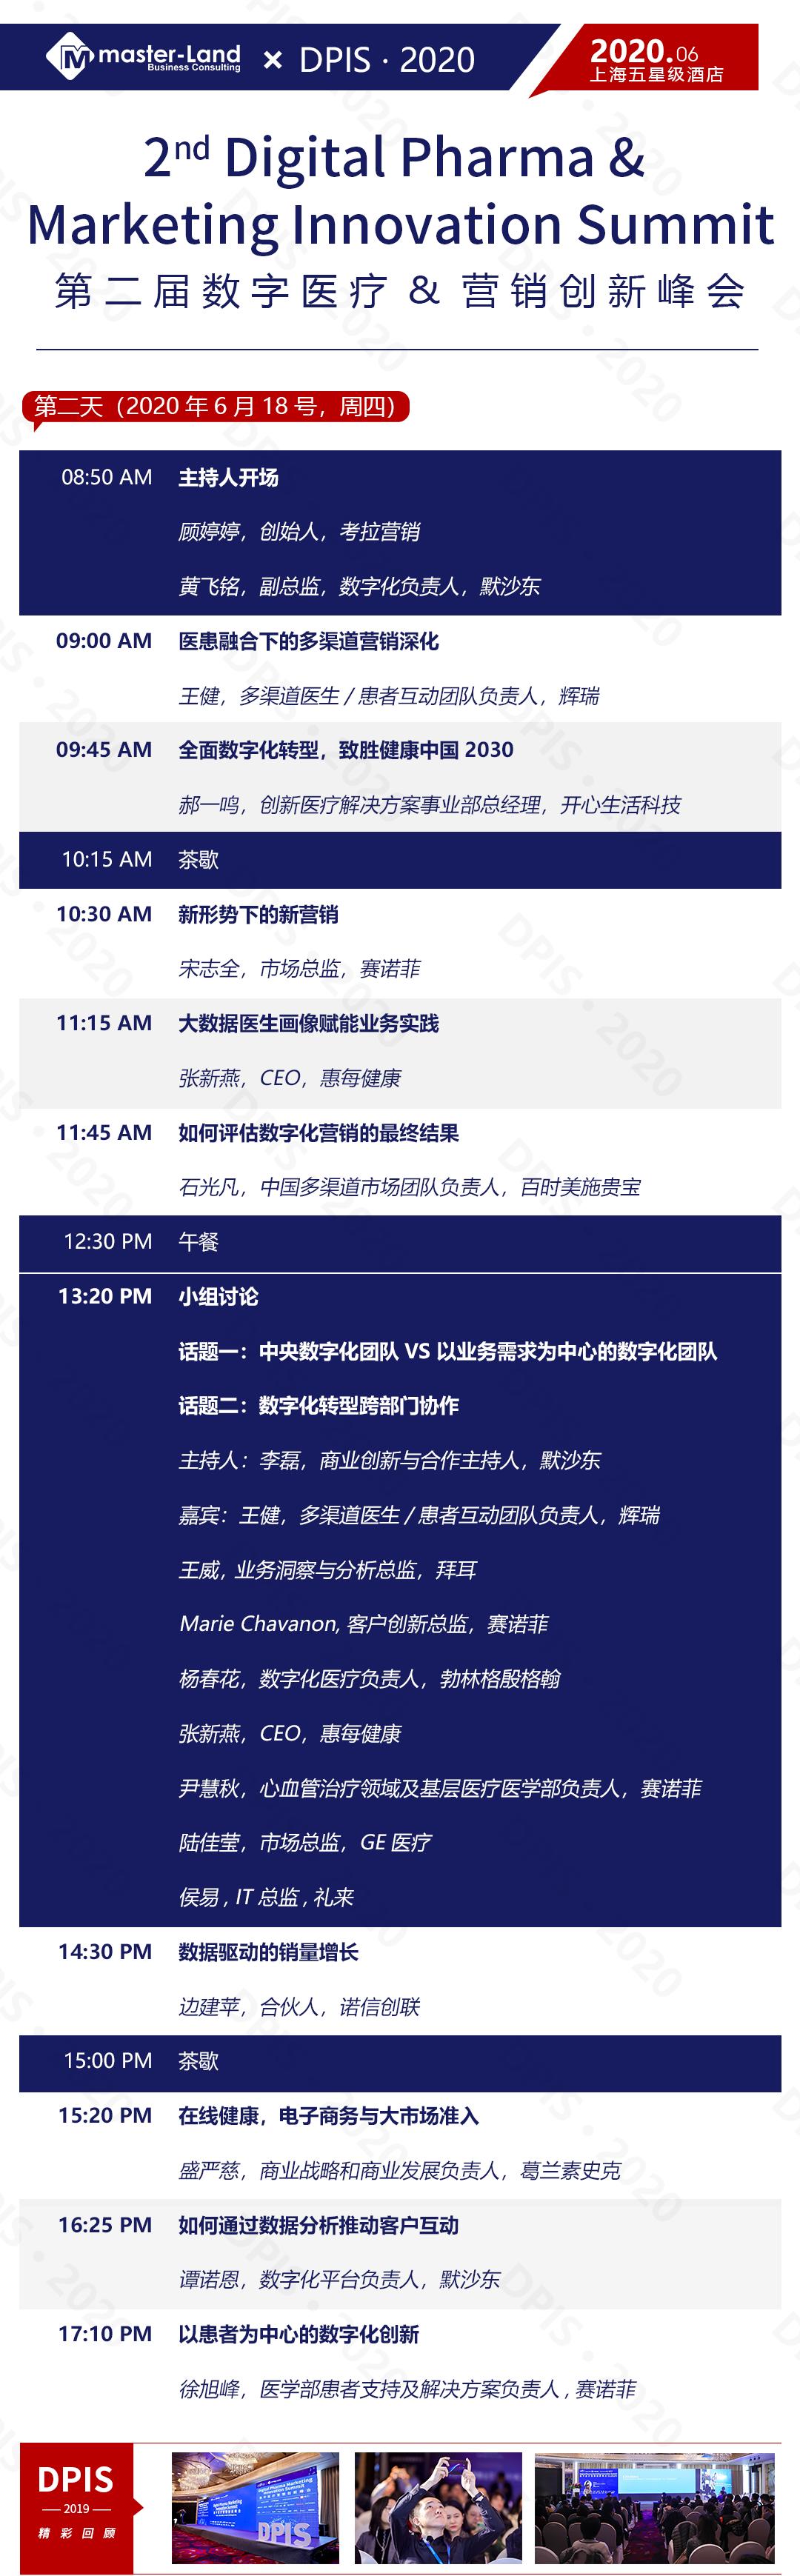 第二届数字医疗营销创新峰会(DPIS)